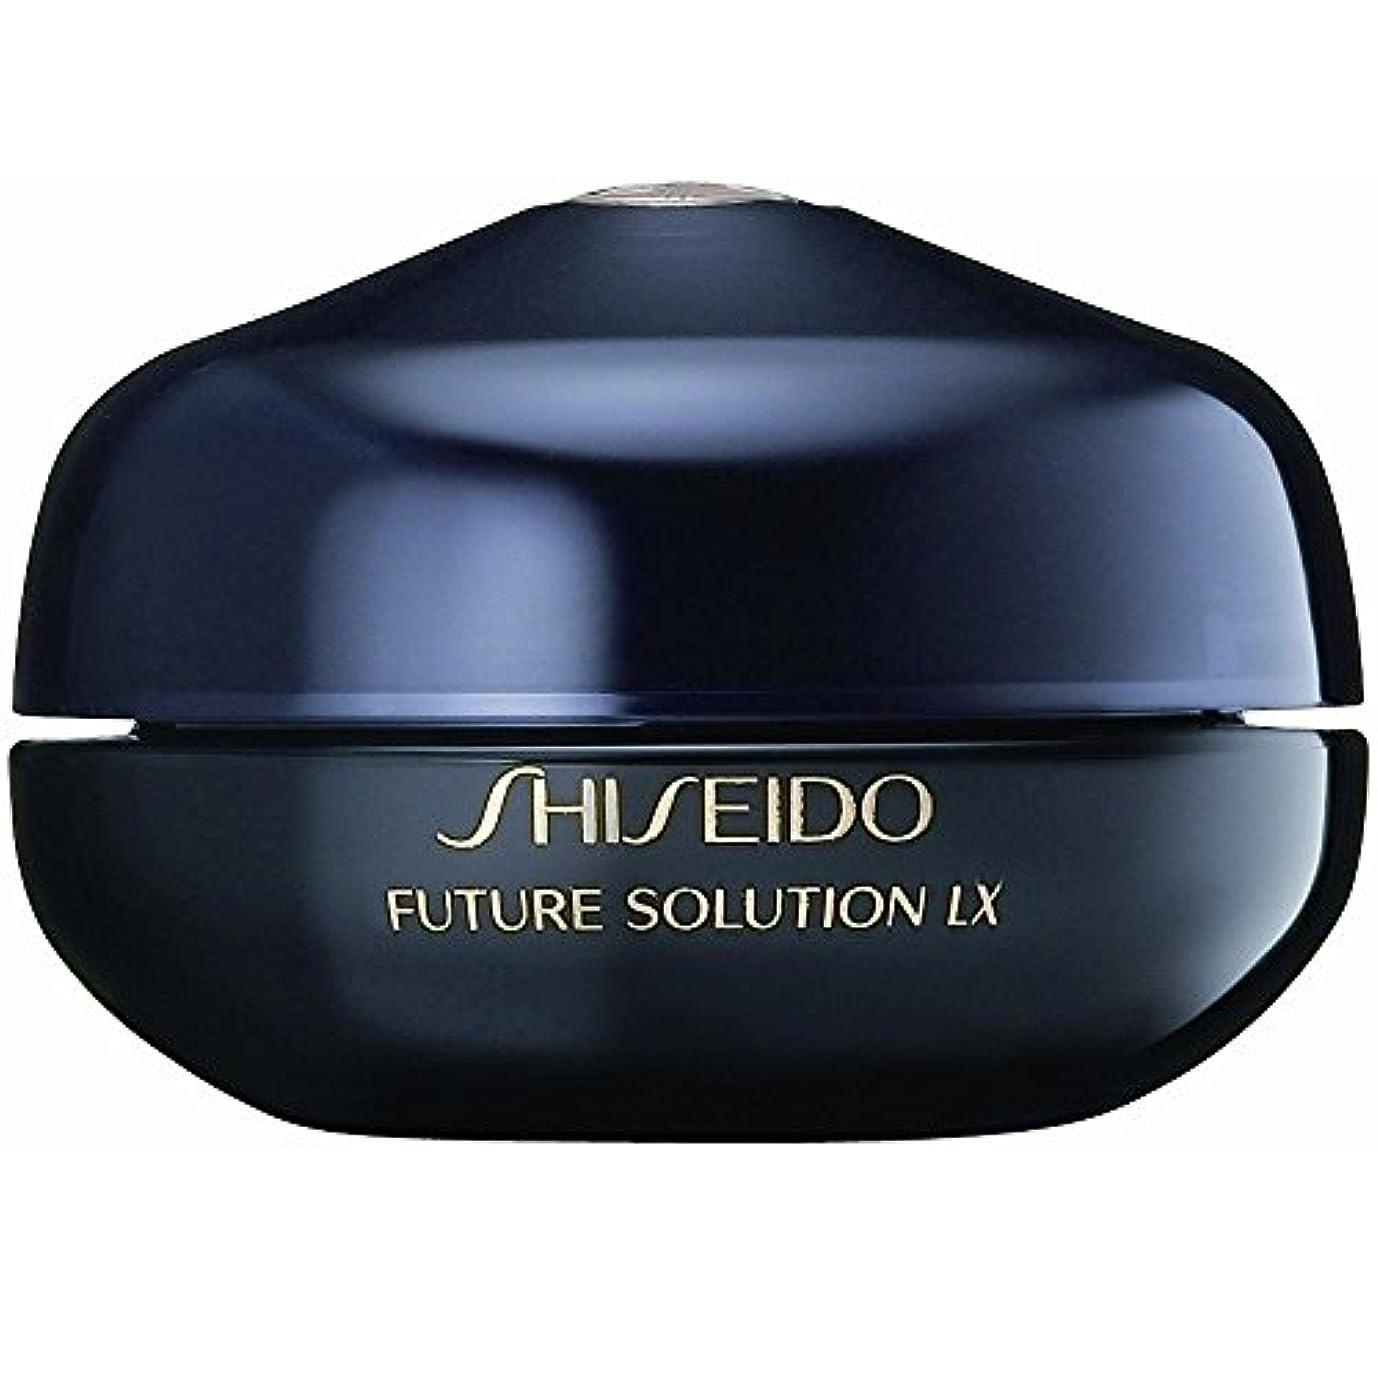 インシデント攻撃麦芽[Shiseido] 資生堂フューチャーソリューションLxの目と唇の輪郭再生クリーム15Ml - Shiseido Future Solution Lx Eye And Lip Contour Regenerating Cream 15ml [並行輸入品]